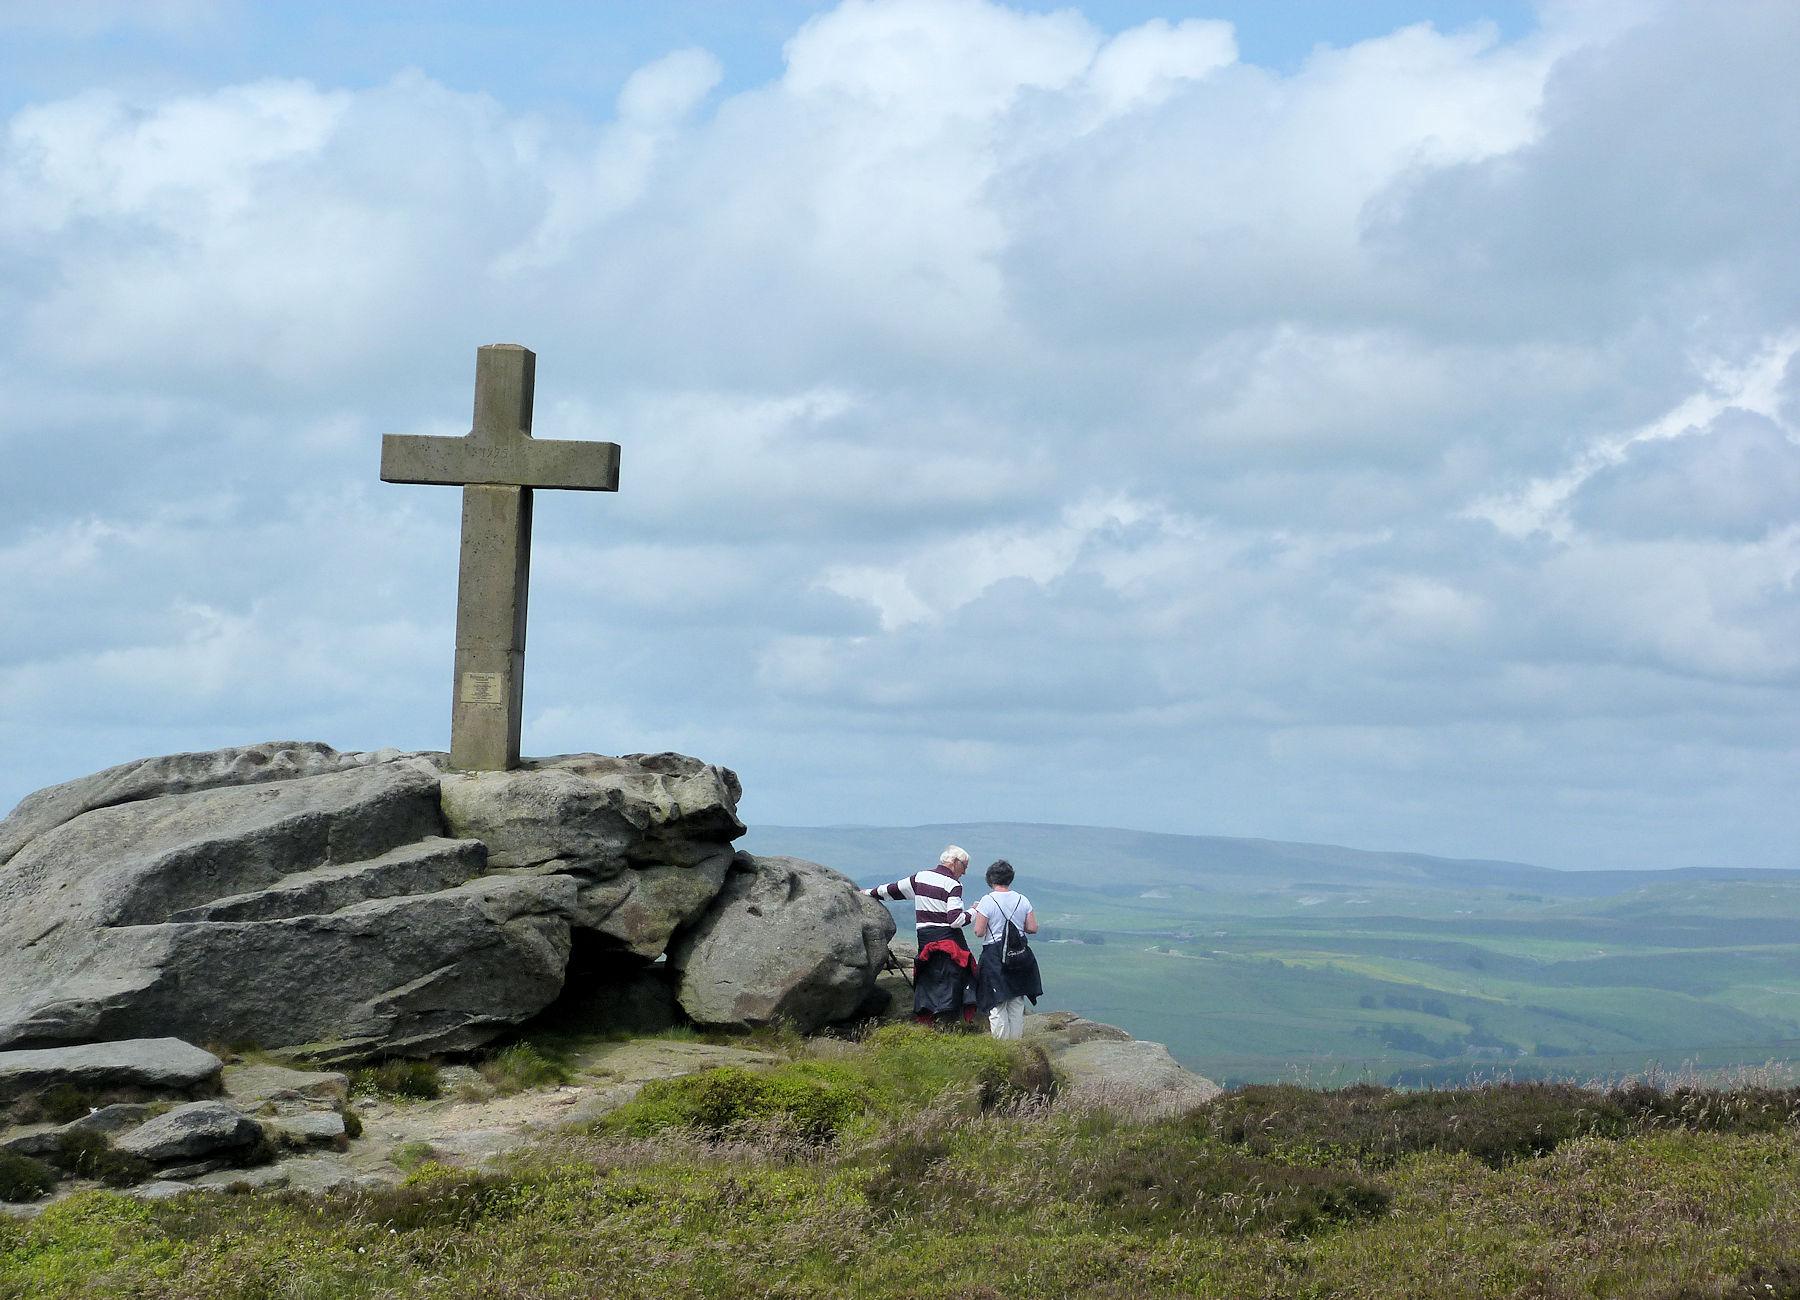 Rylstone Cross